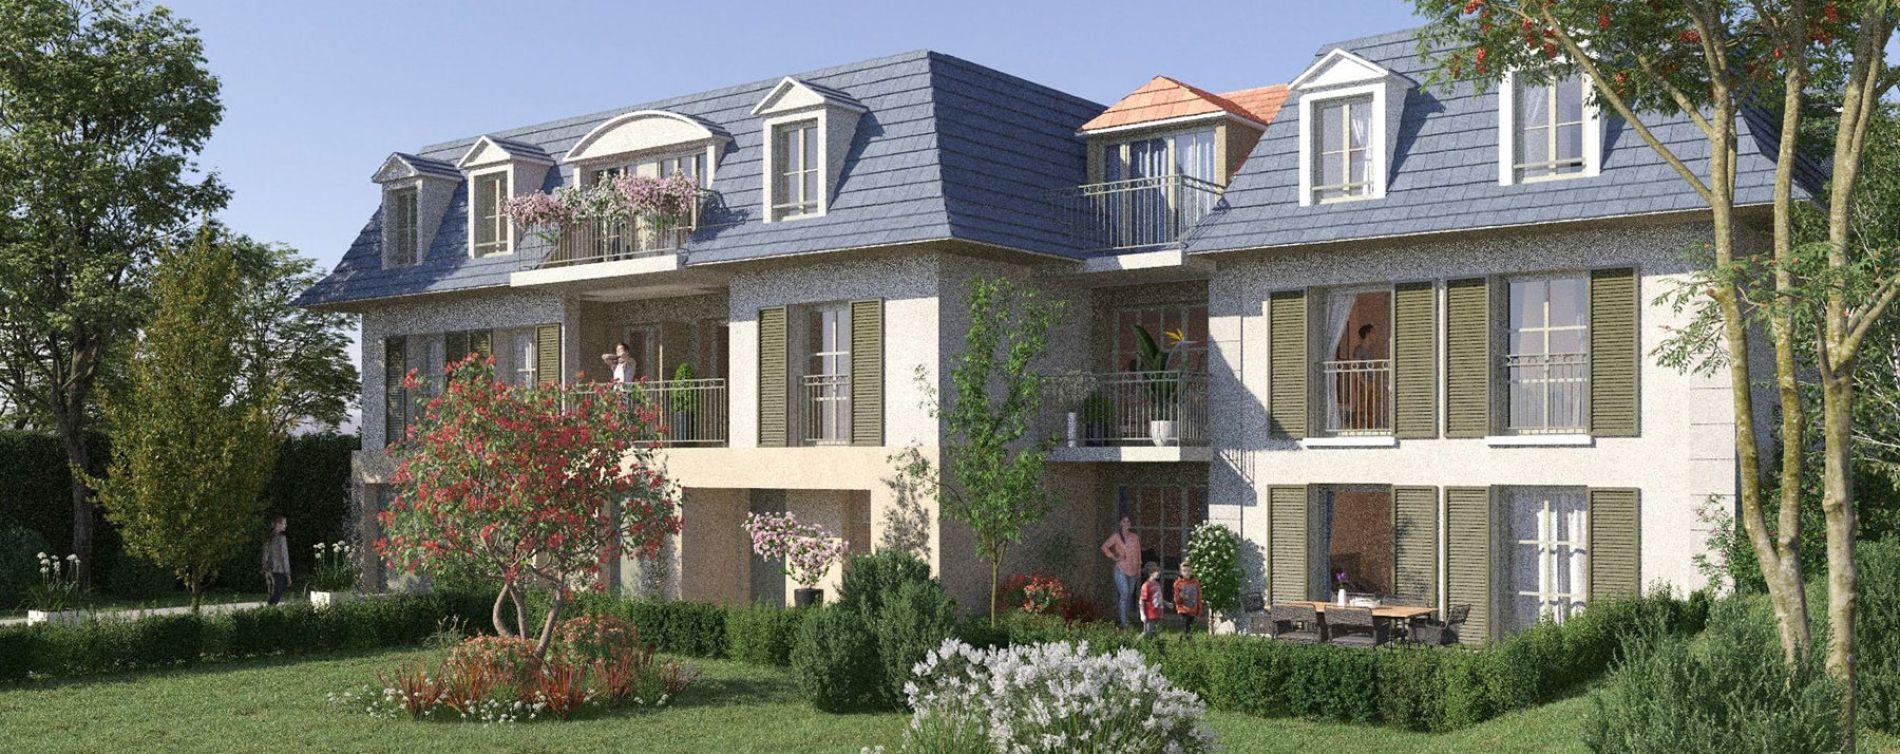 Résidence Villa d'Olce à Villiers-sur-Marne